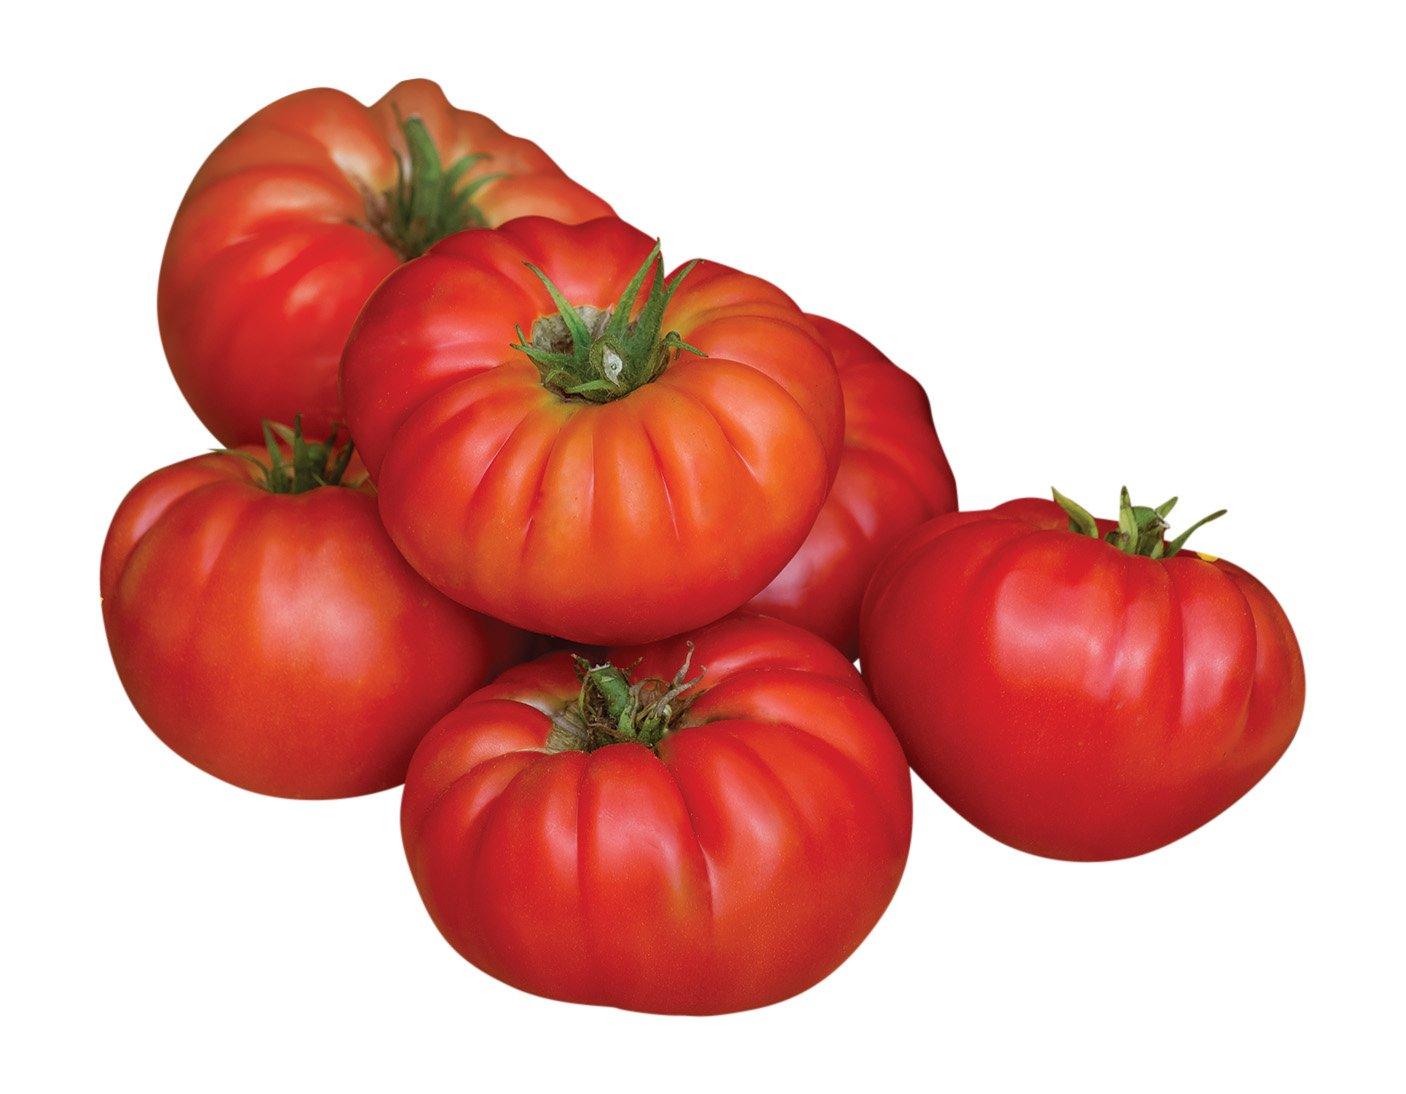 Burpee Madame Marmande Tomato Seeds 30 seeds